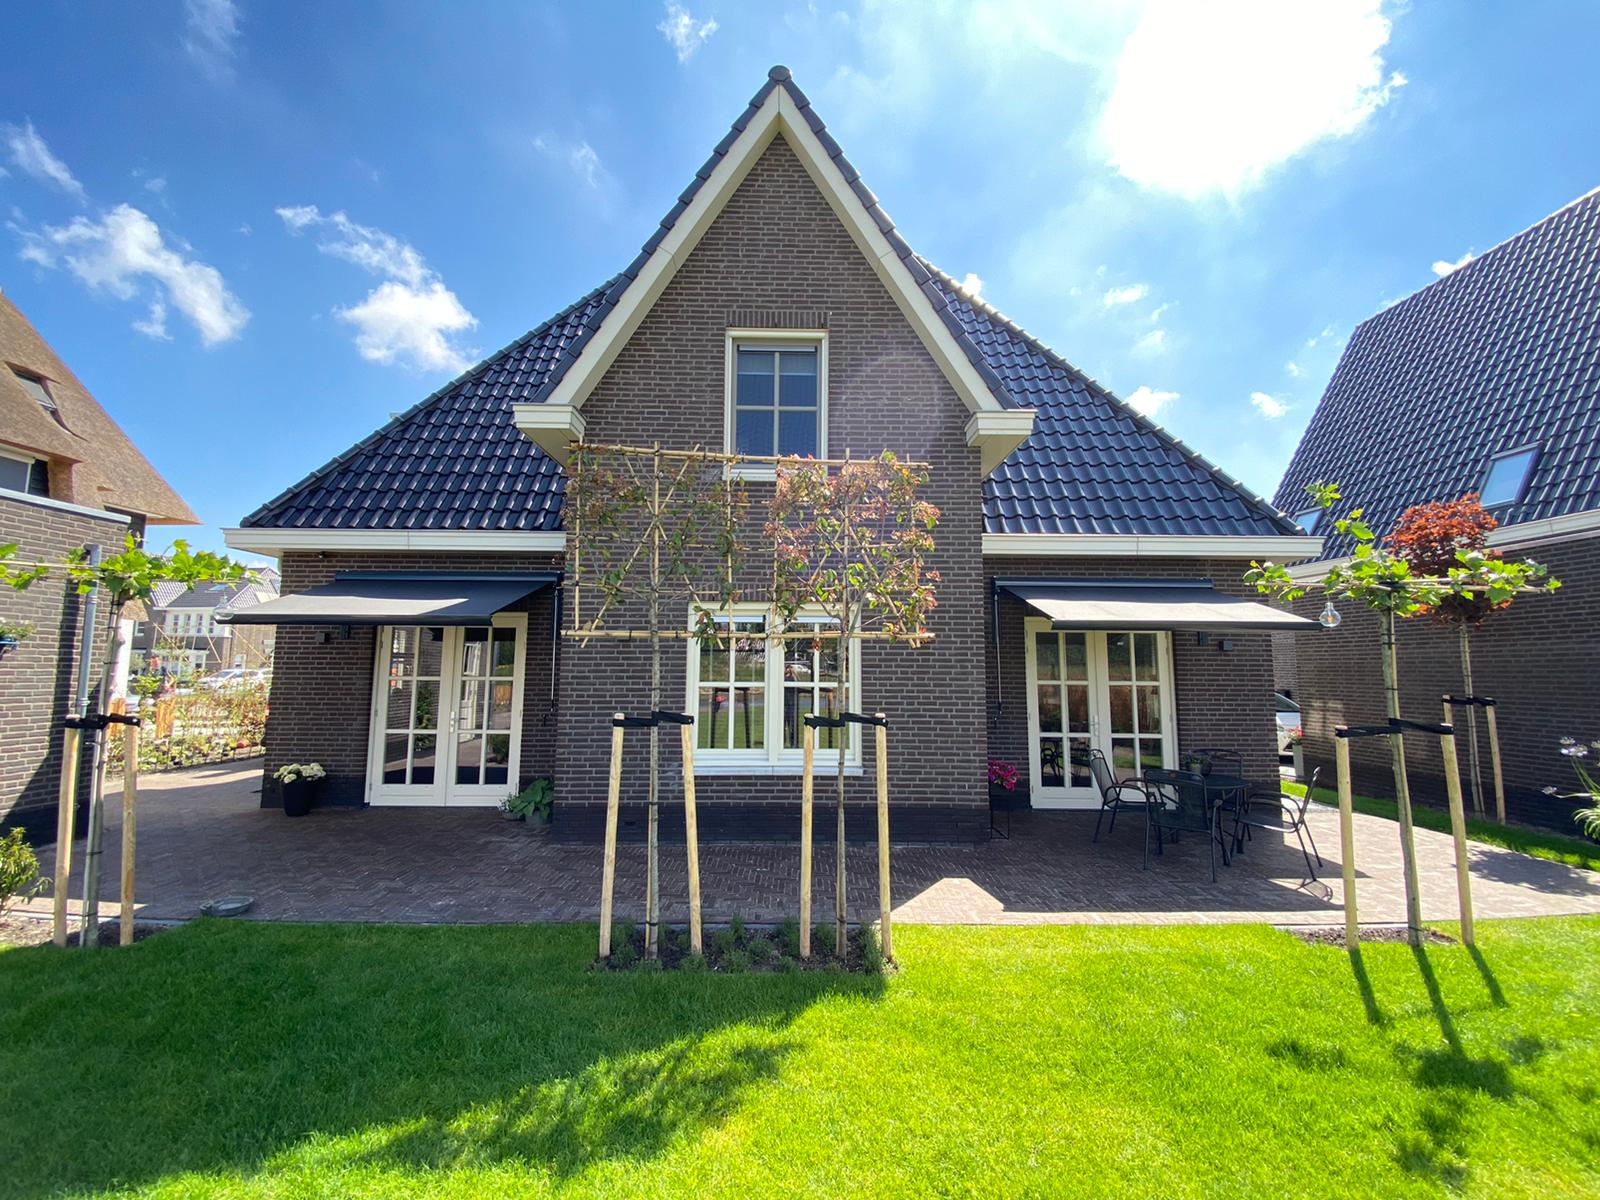 Knikarmschermen op maat bij Van Ewijk Zonwering in Lelystad Dronten Swifterbant en Almere 06